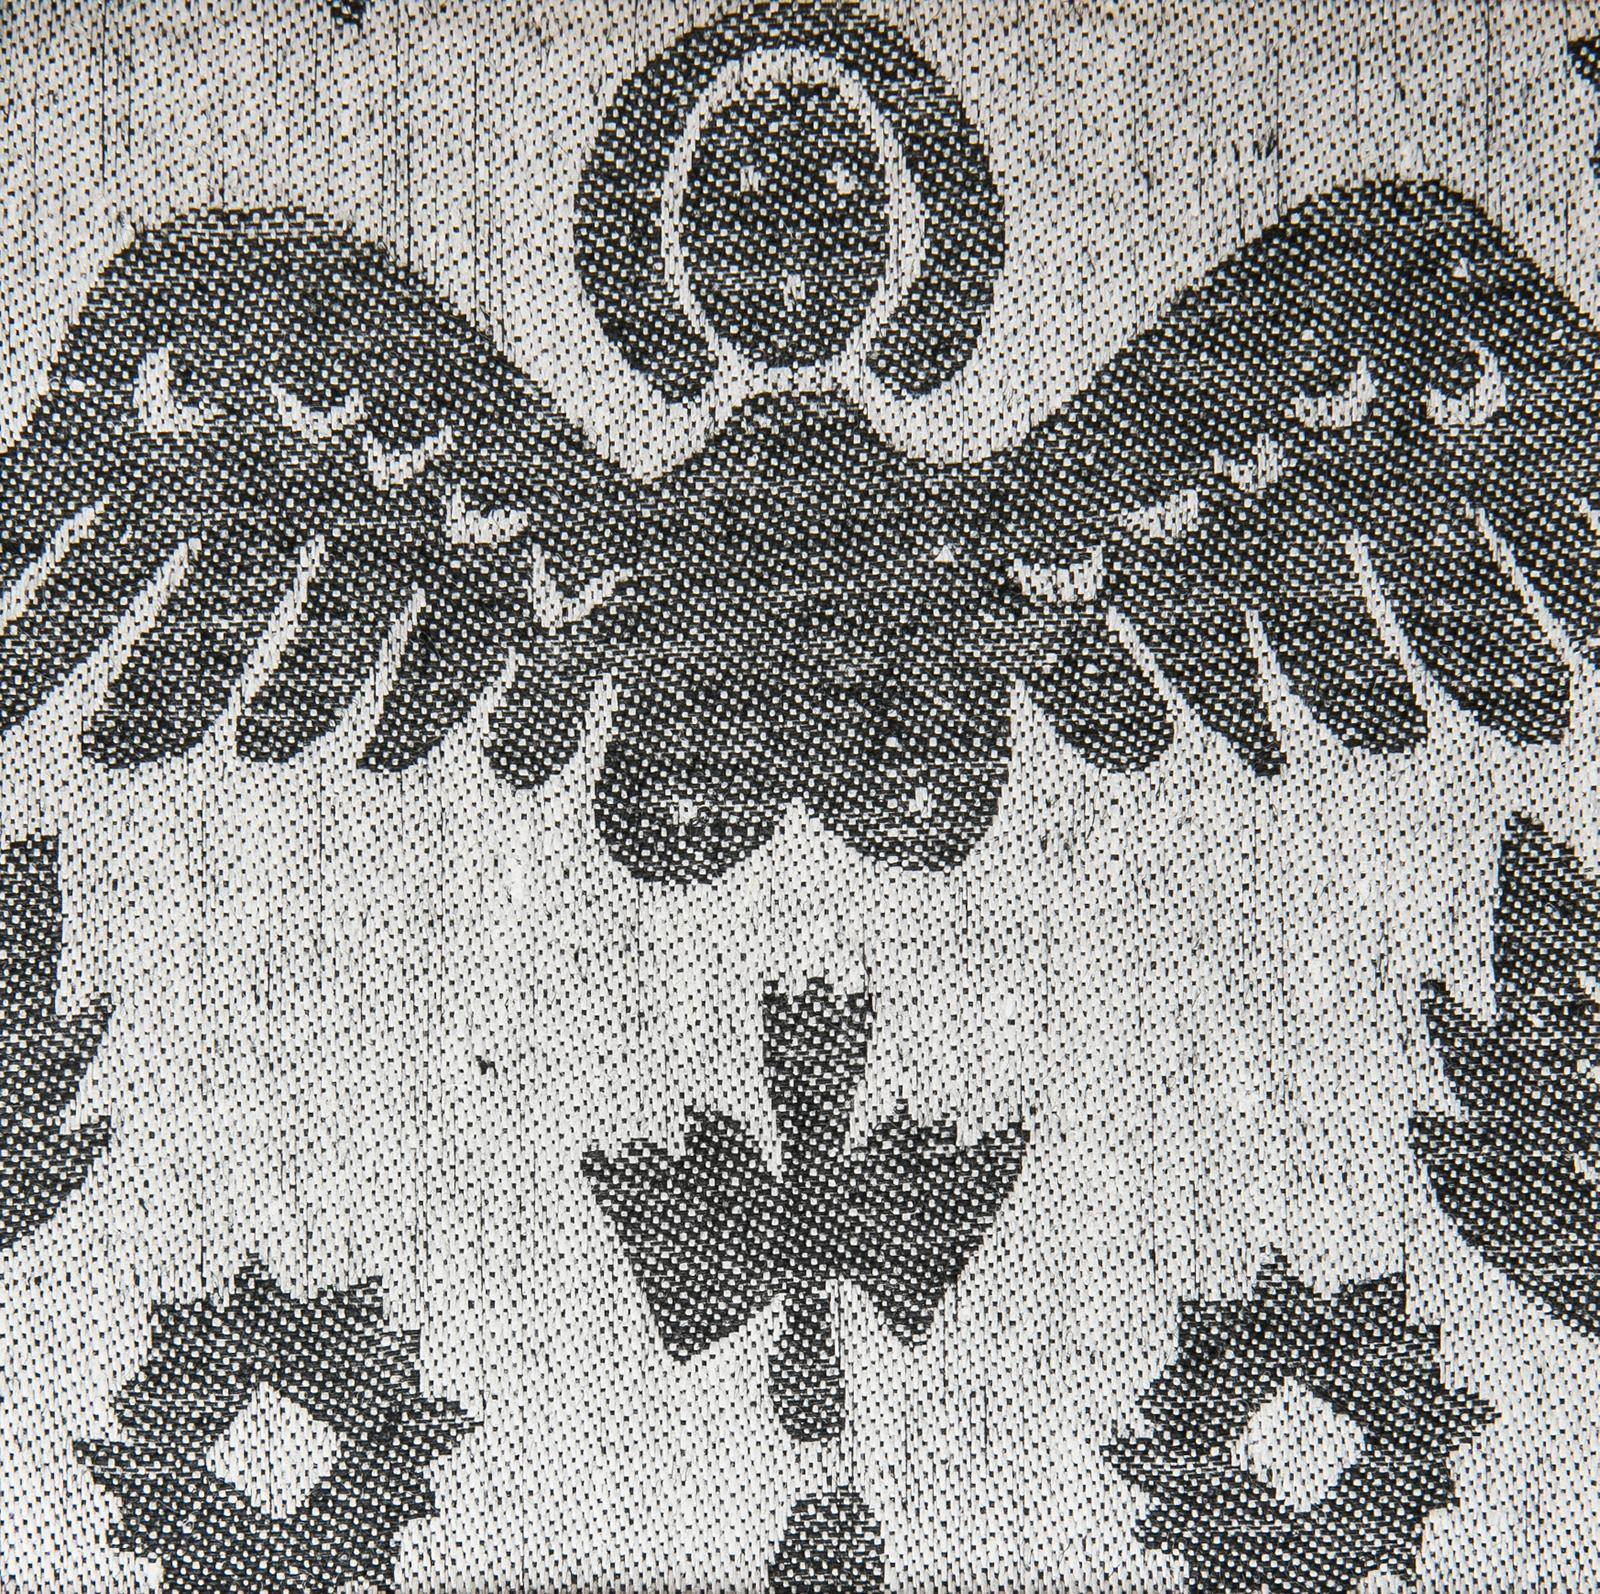 Himmel handduk hellinne Klässbols linneväveri Wanja Djanaieff svart